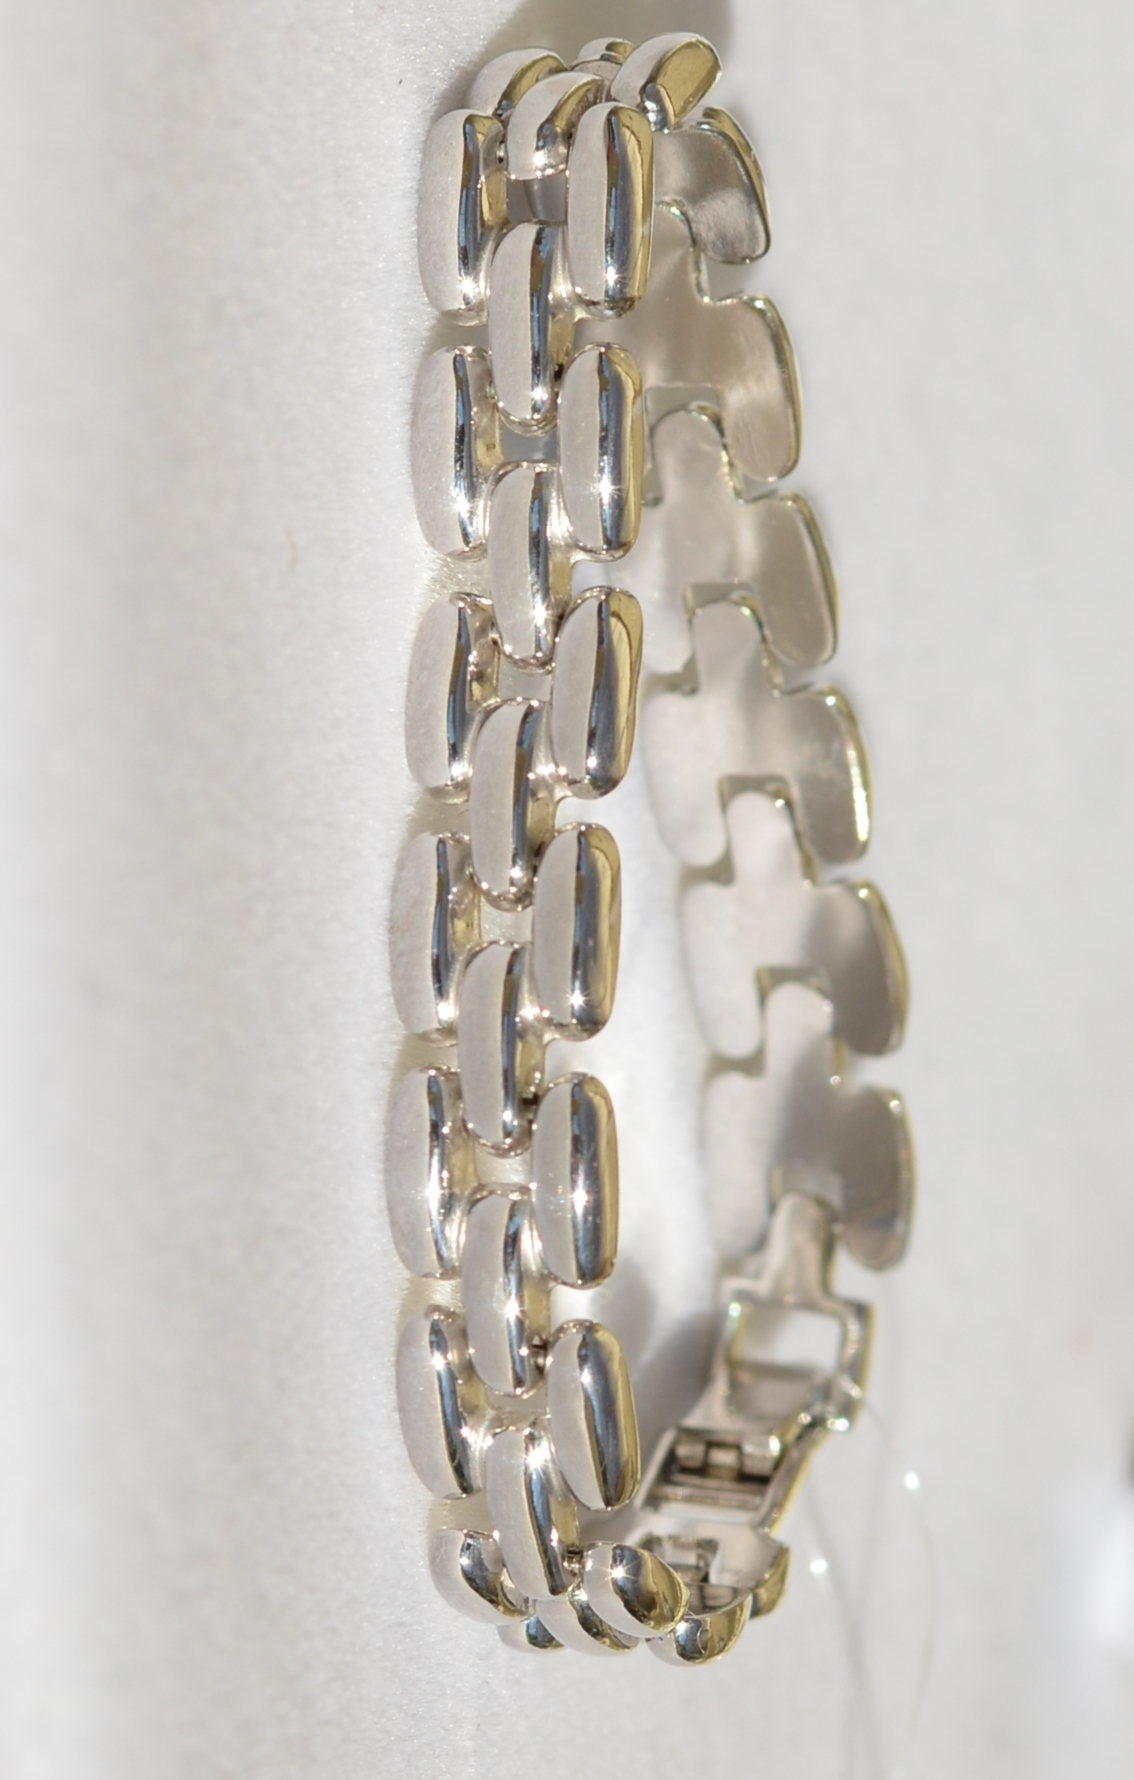 2520019 (серебряный браслет)